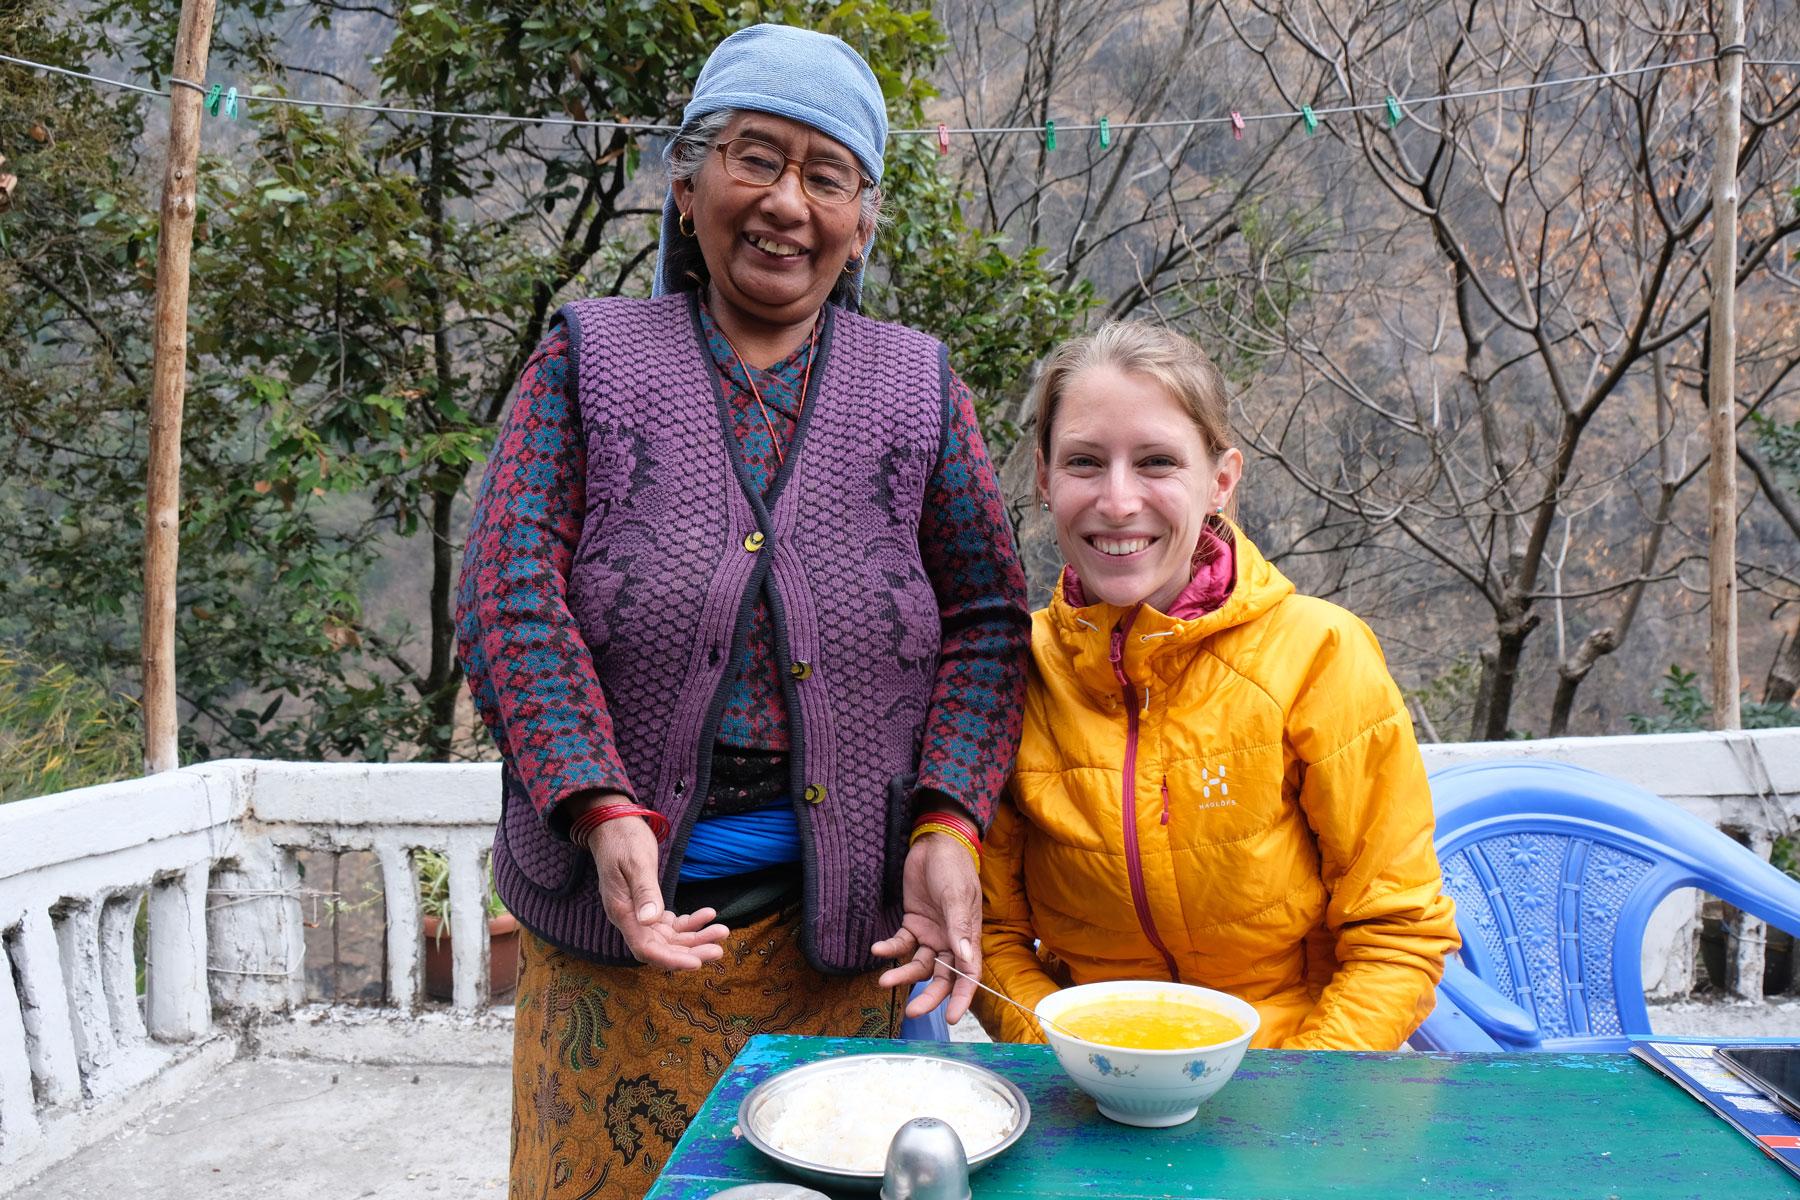 Leo sitzt an einem Tisch. Neben ihr steht eine nepalesische Frau.